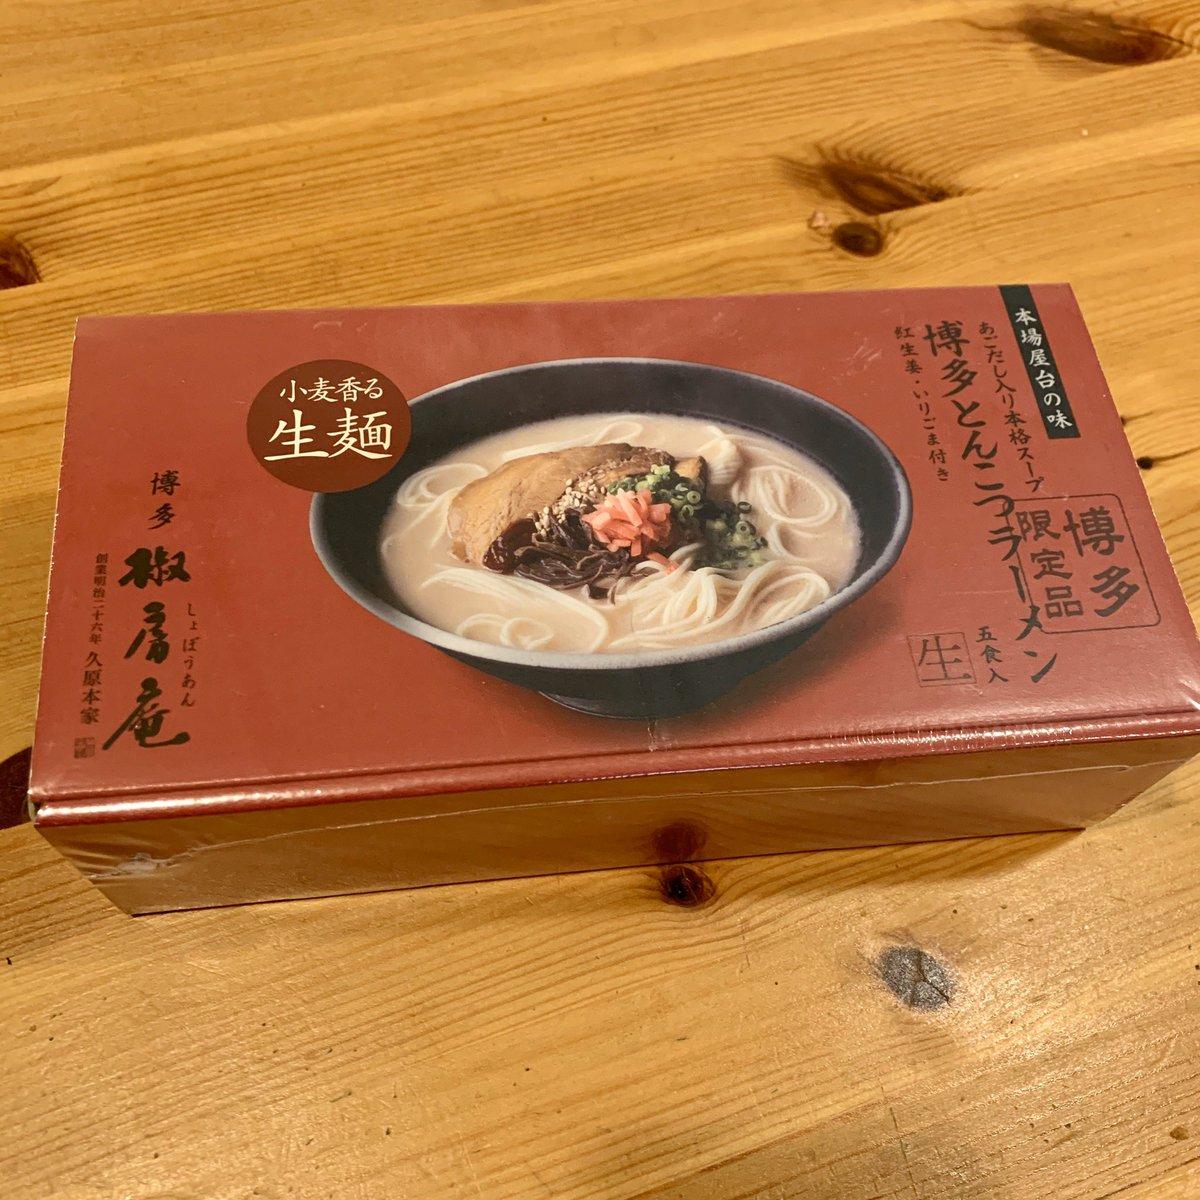 博多ラーメン椒房庵 (賞味期限切れ)